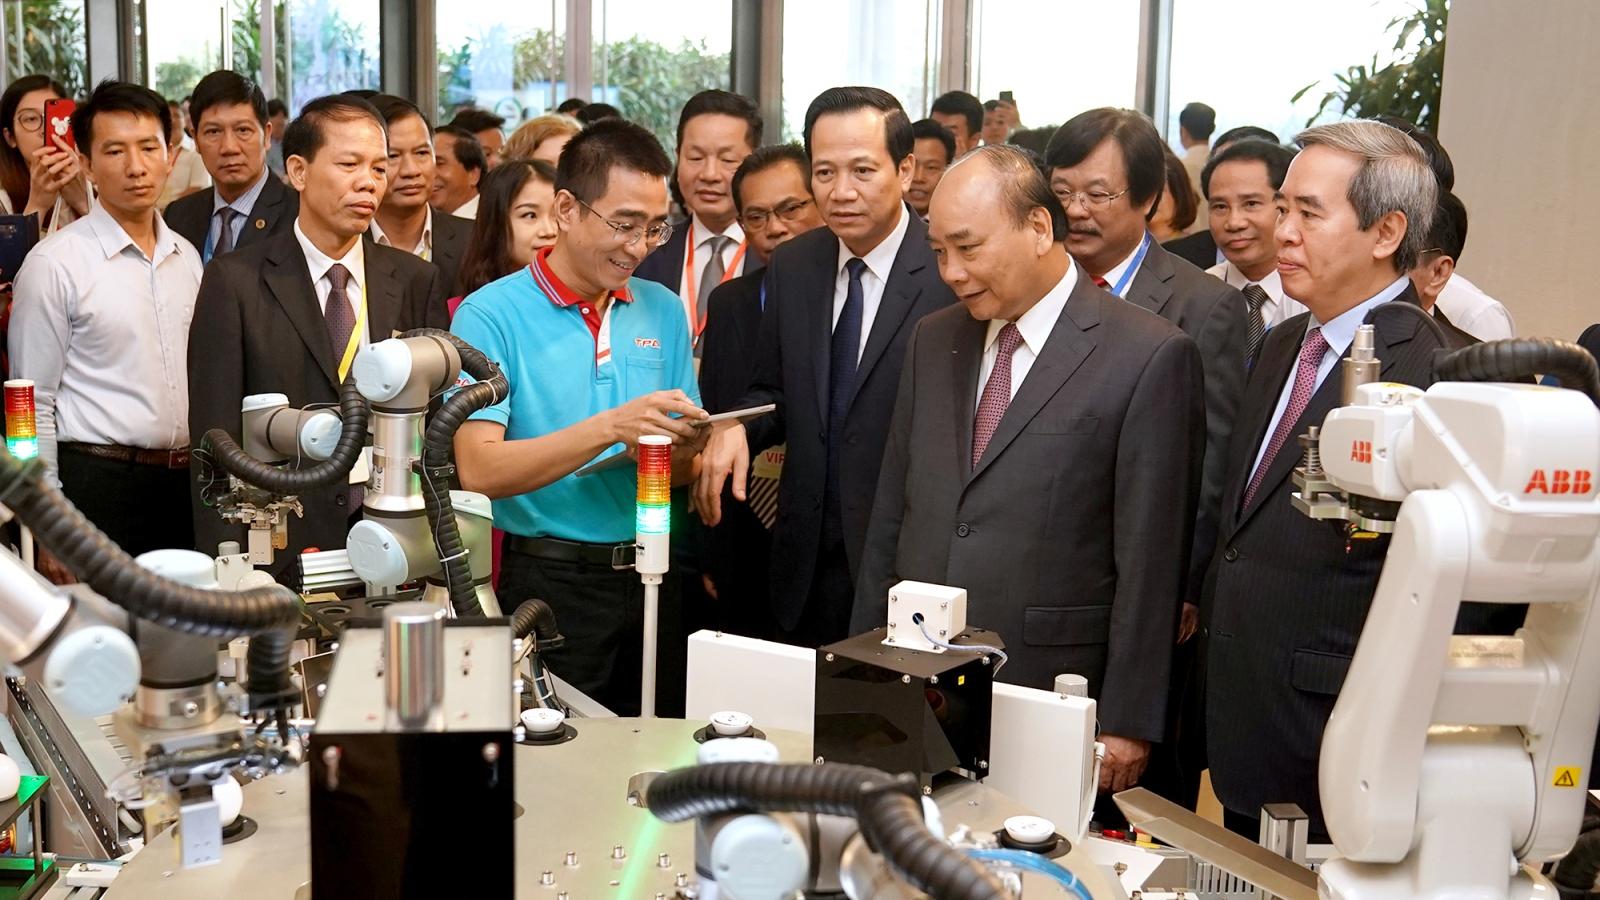 Chủ tịch nước kêu gọi đồng hành nâng tầm kỹ năng lao động